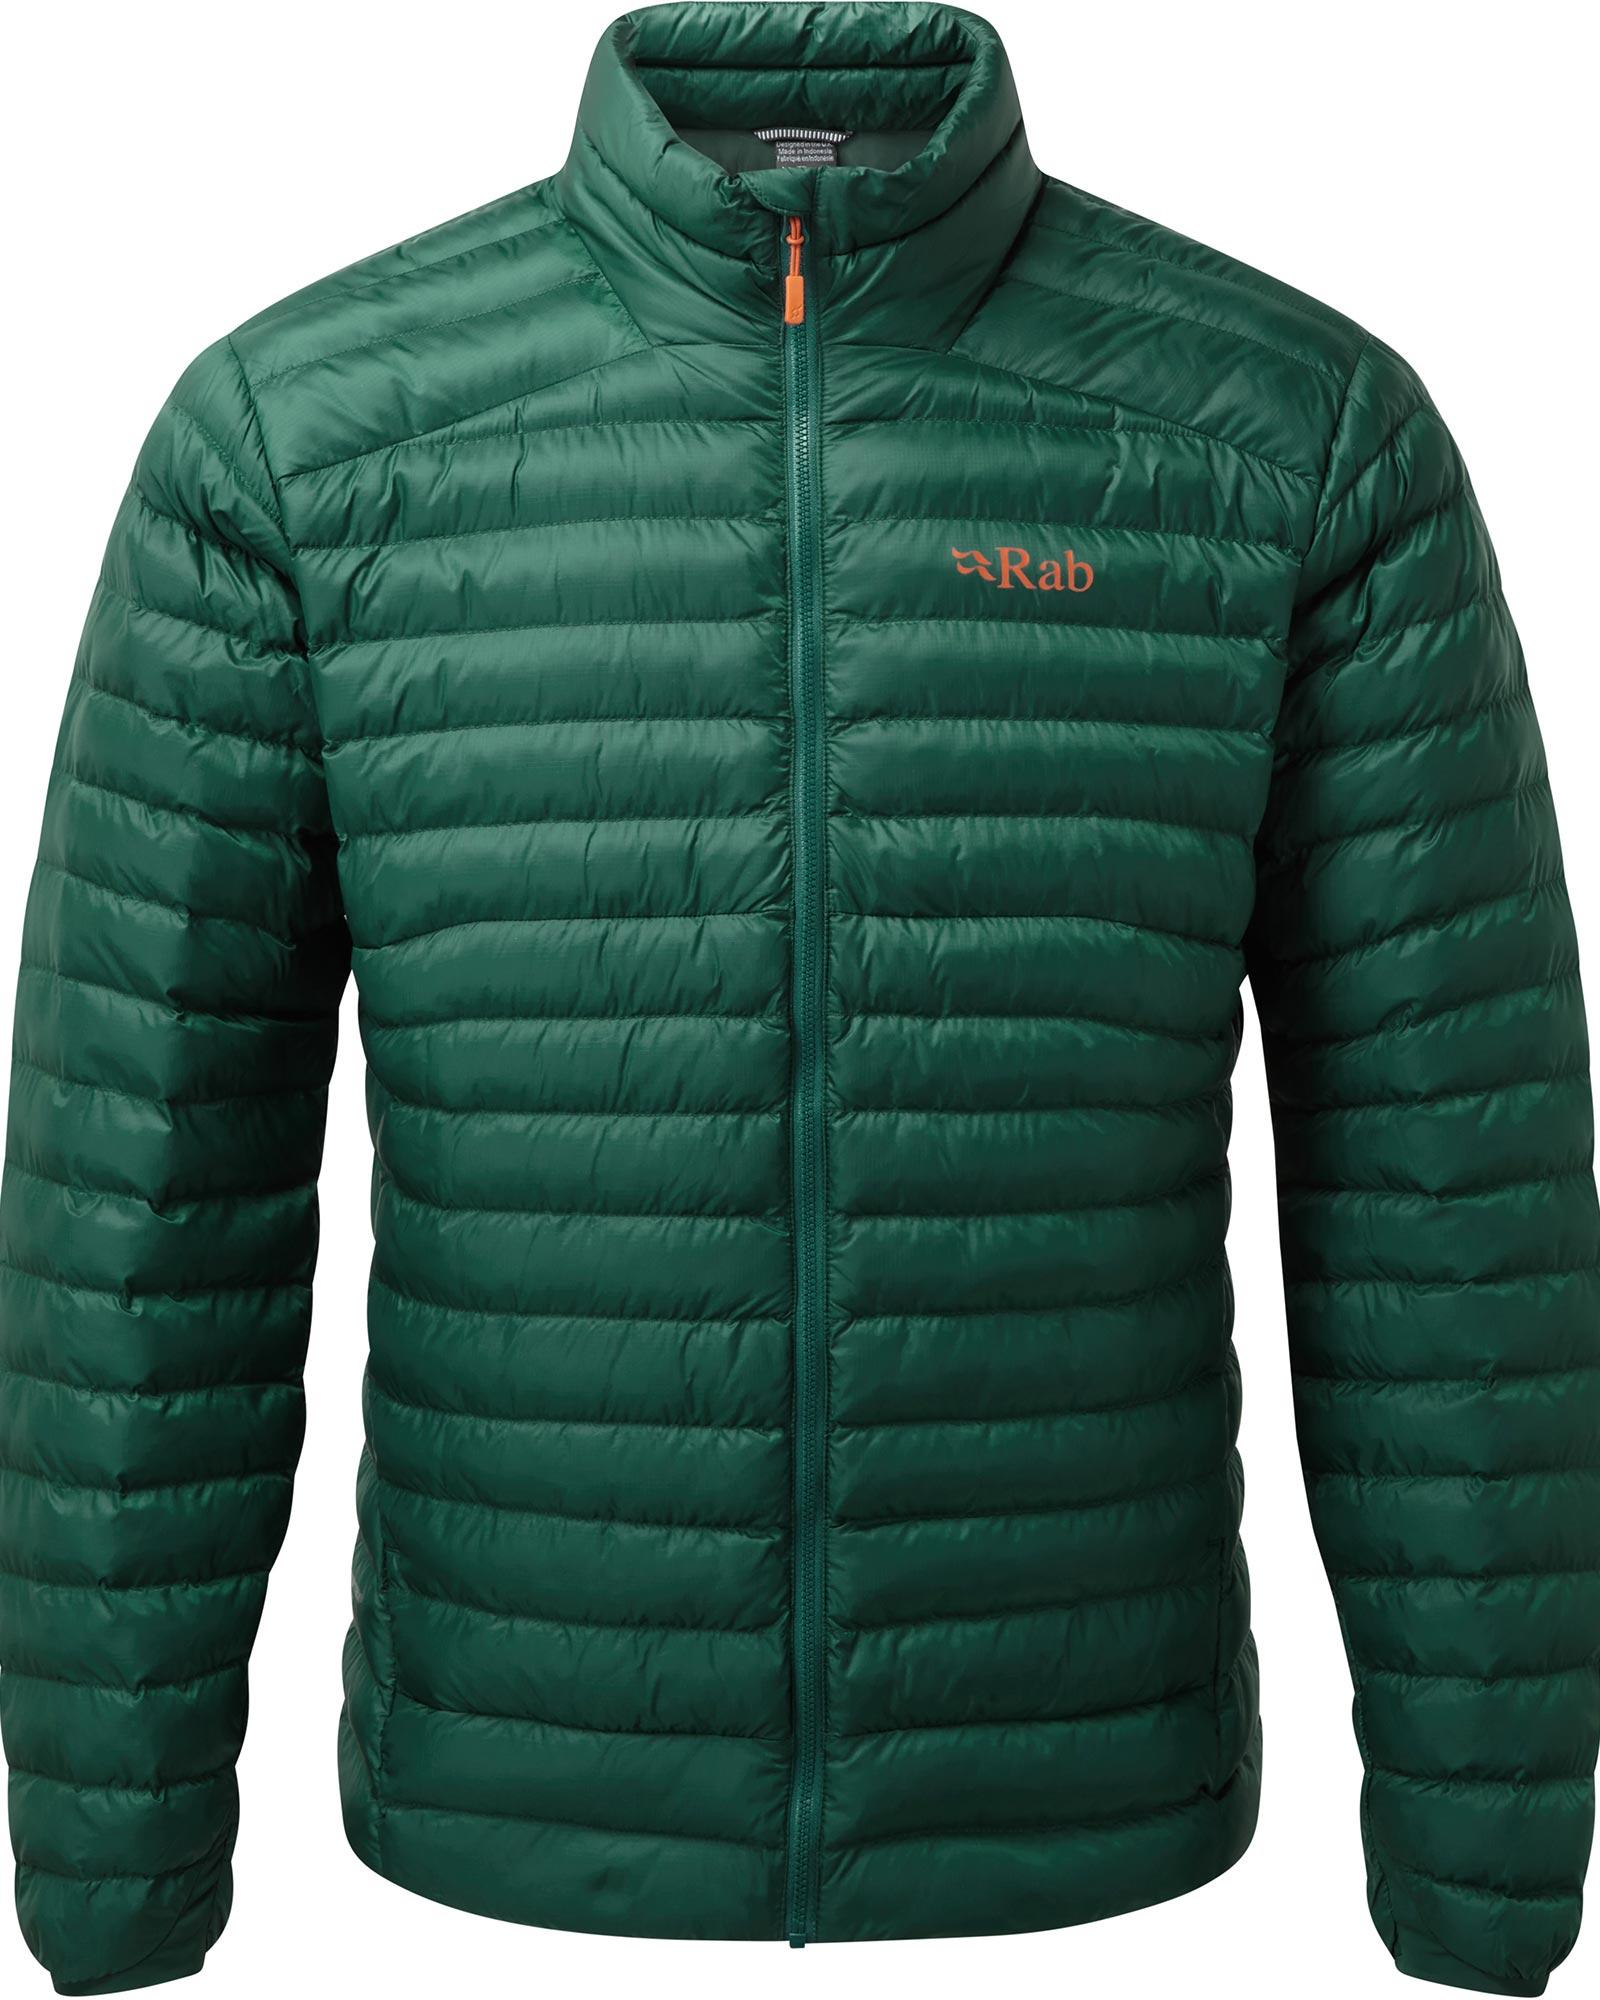 Rab Men's Cirrus Jacket 0